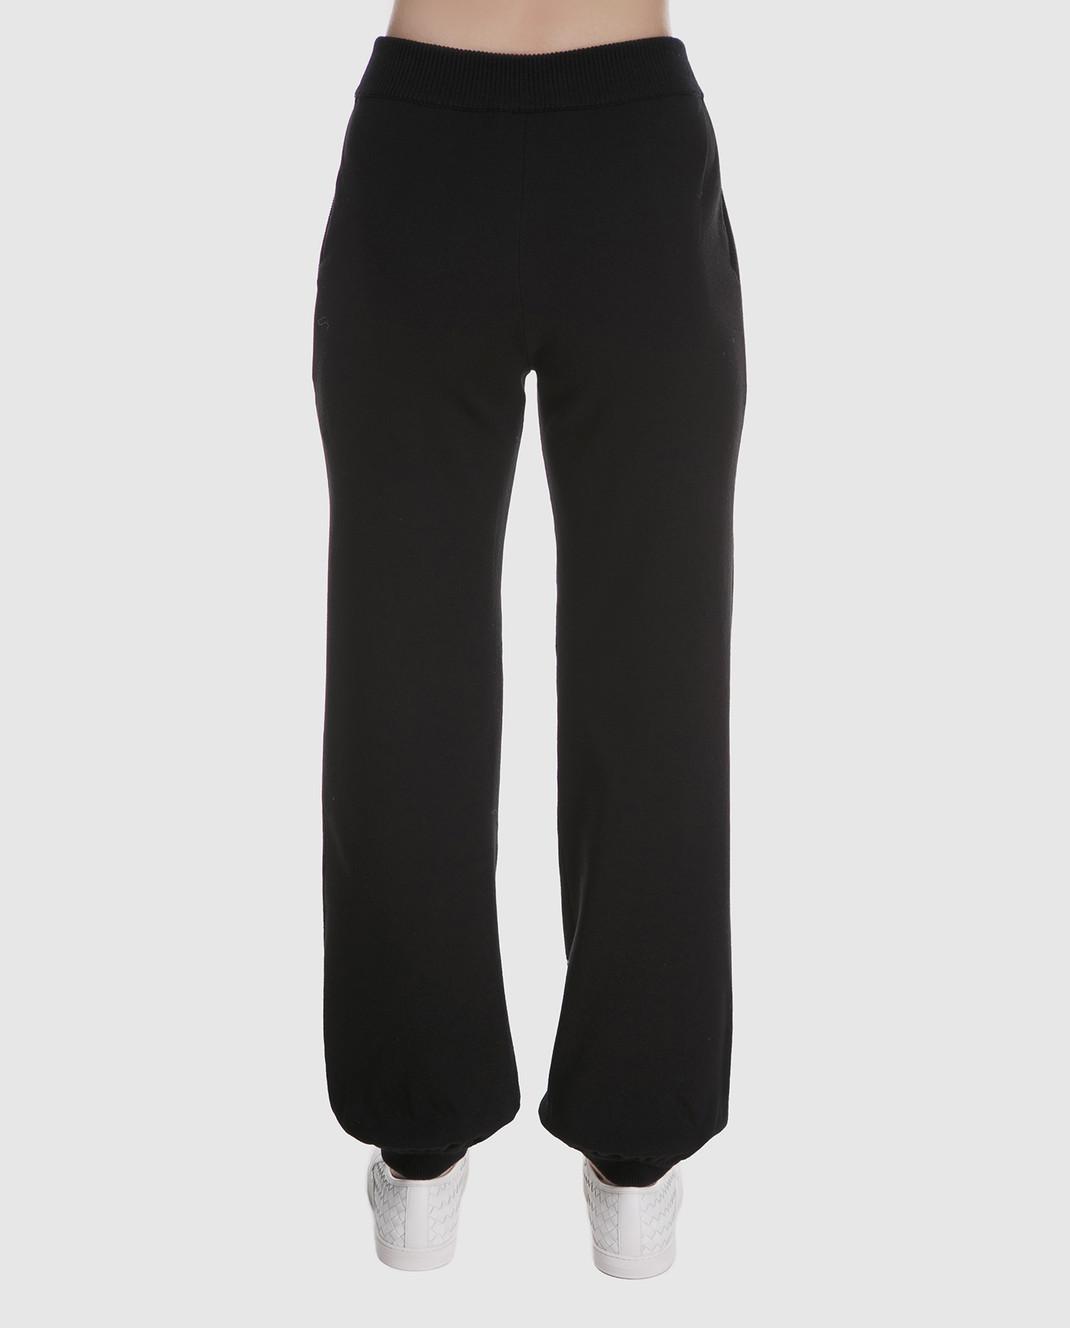 Chloe Черные брюки из шерсти 18SMT01540 изображение 4